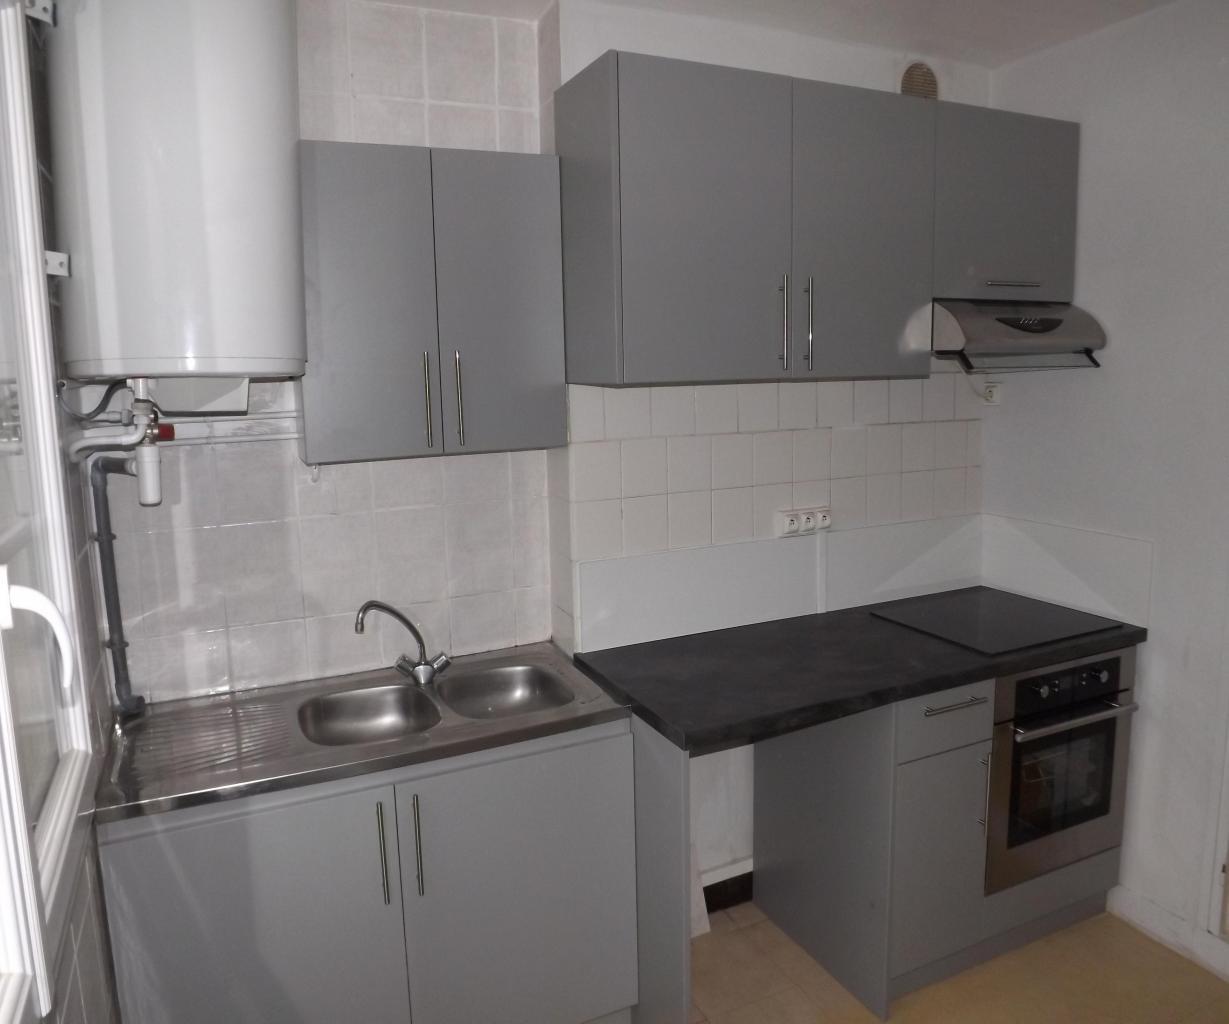 Agencement  petite cuisine dans appartement pour location sur Tyrosse